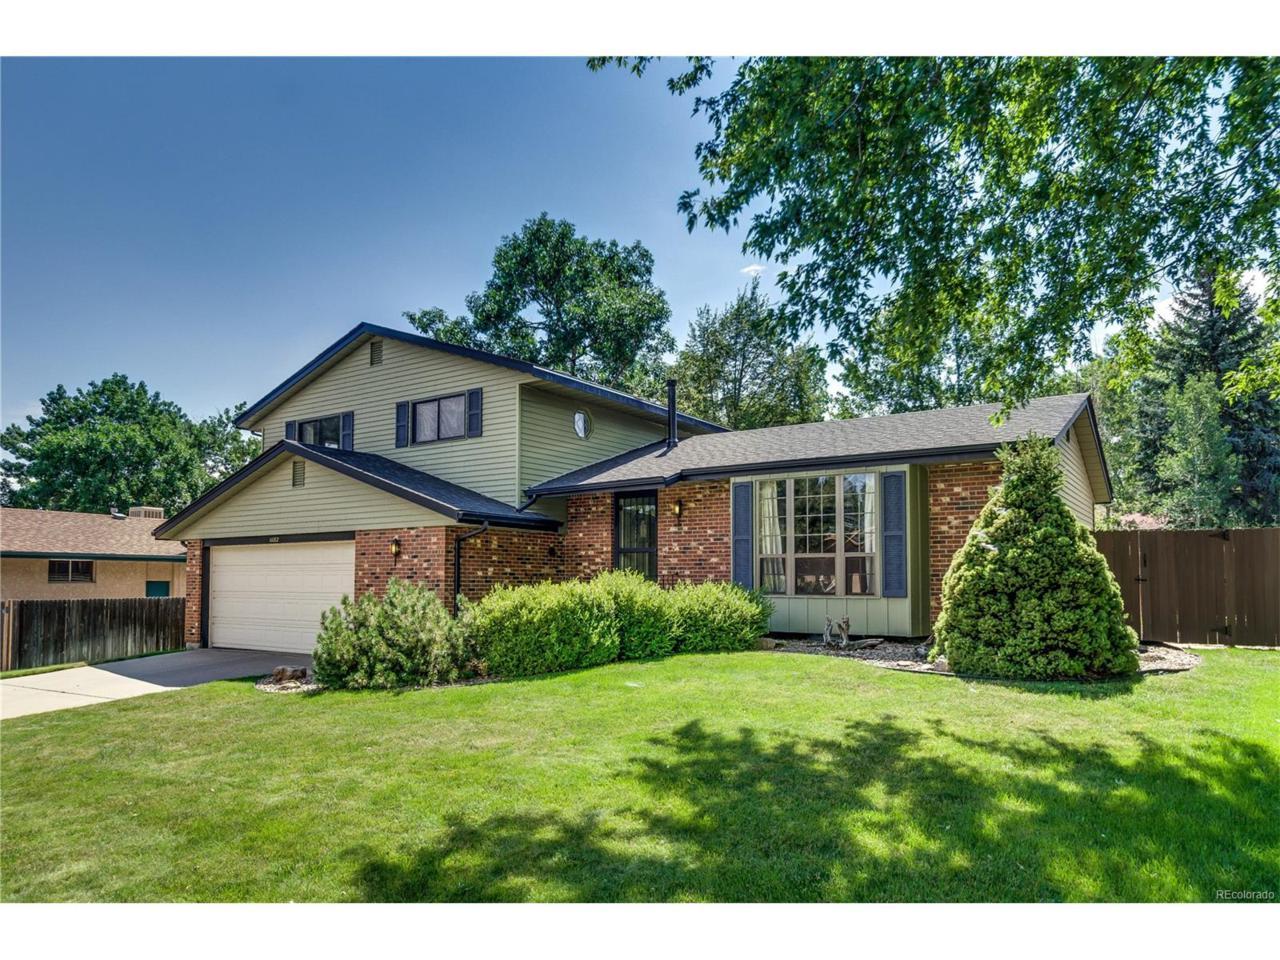 11062 W Oregon Place, Lakewood, CO 80232 (MLS #5271407) :: 8z Real Estate